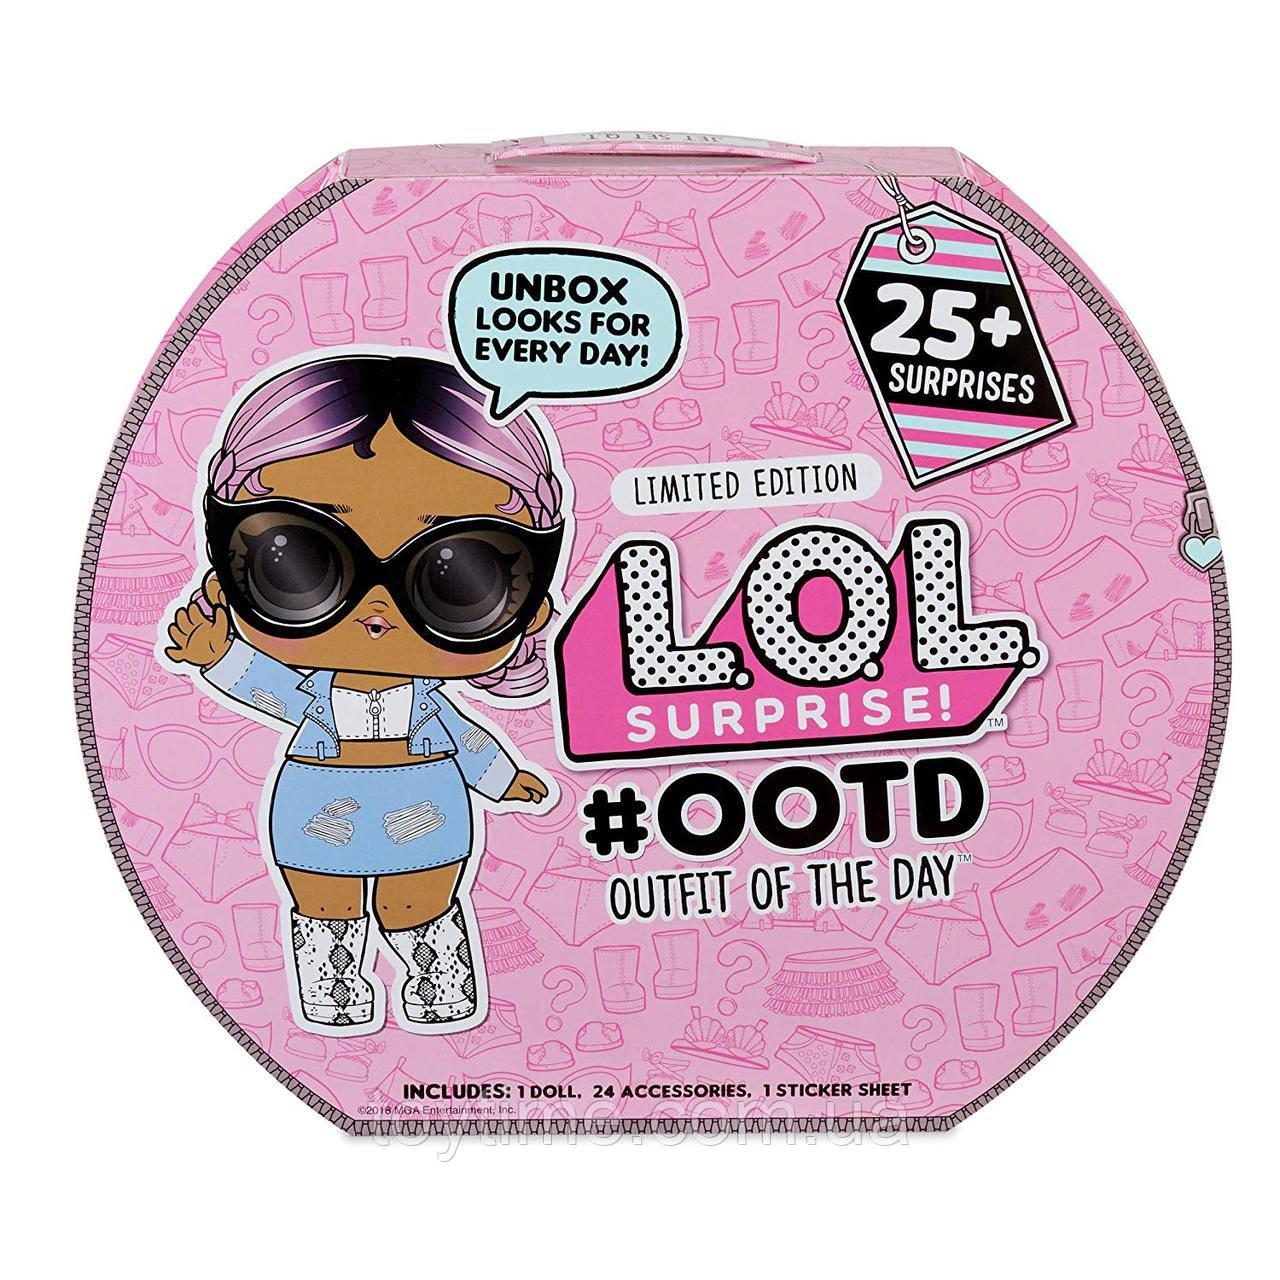 Л.О.Л. Адвент календарь (по наряду на каждый день) / L.O.L. Surprise! #OOTD (Outfit of The Day)